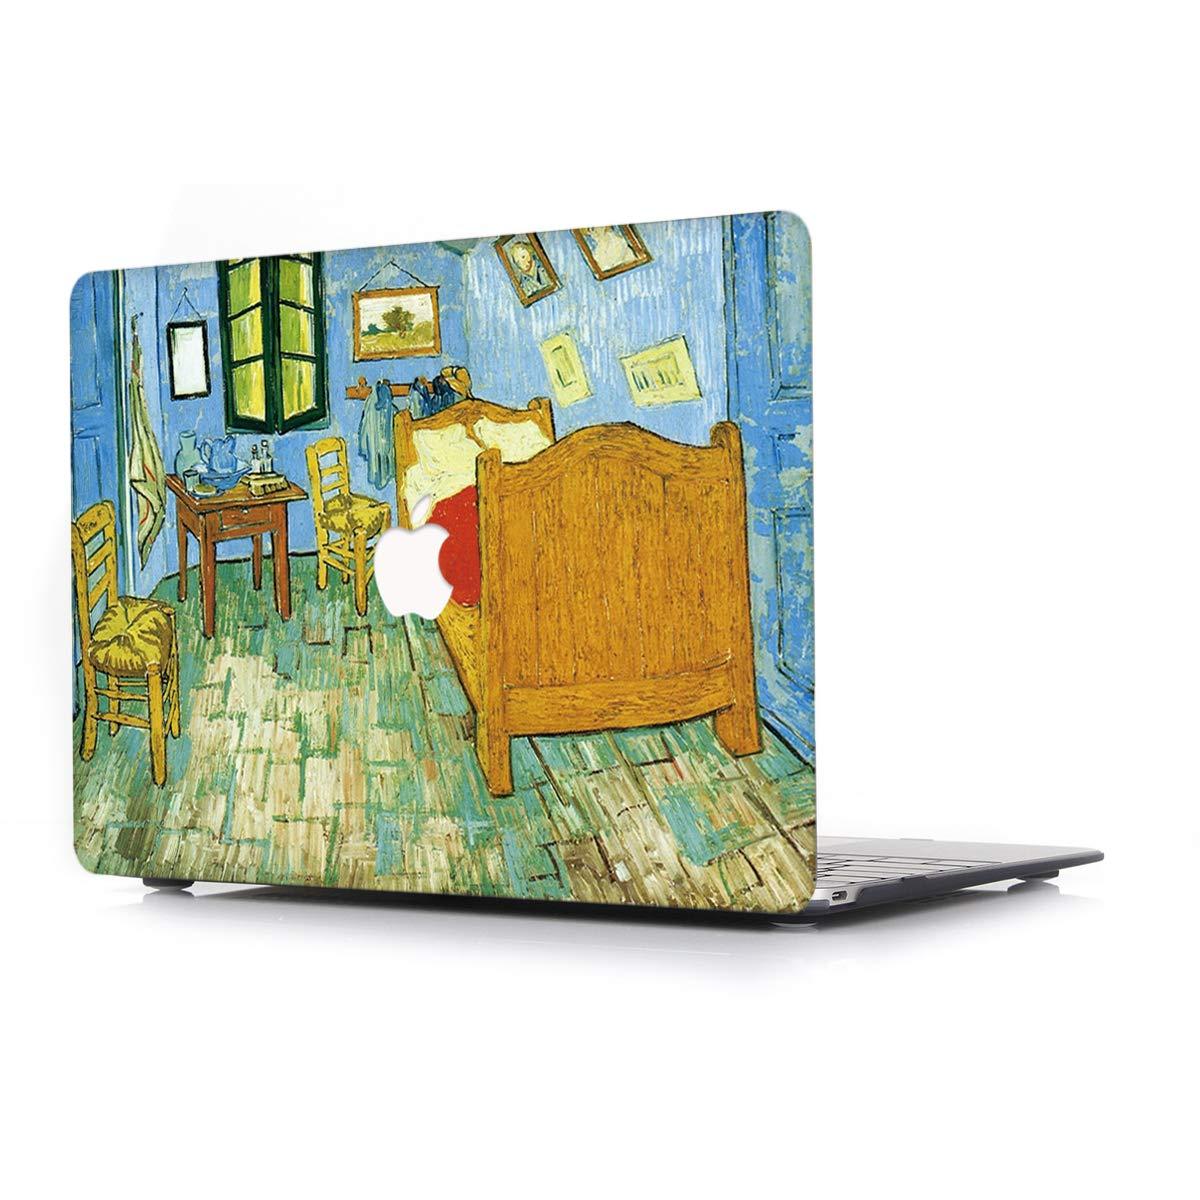 Modelo A1466//A1369 Port/átiles Accesorios Pl/ástico Imprimir R/ígida Protecci/ón Pintura al /óleo Dise/ño Cover,La habitaci/ón L2W Funda Dura para Apple MacBook Air 13,3 Pulgadas Old